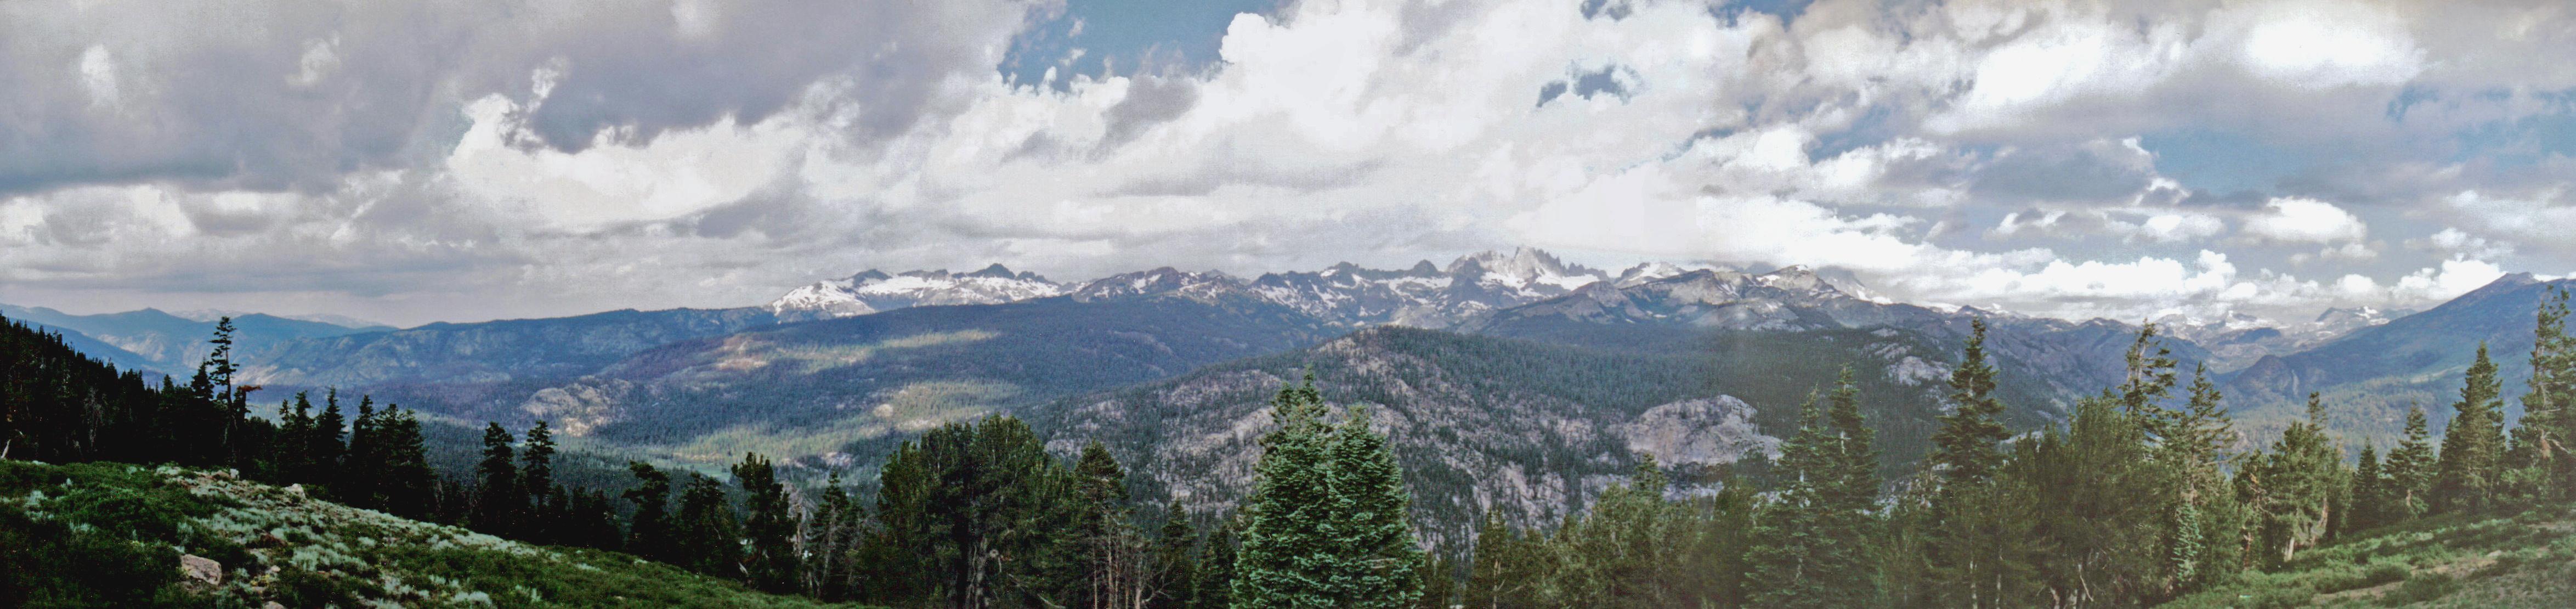 The Minarets,  Eastern Sierra Nevadas